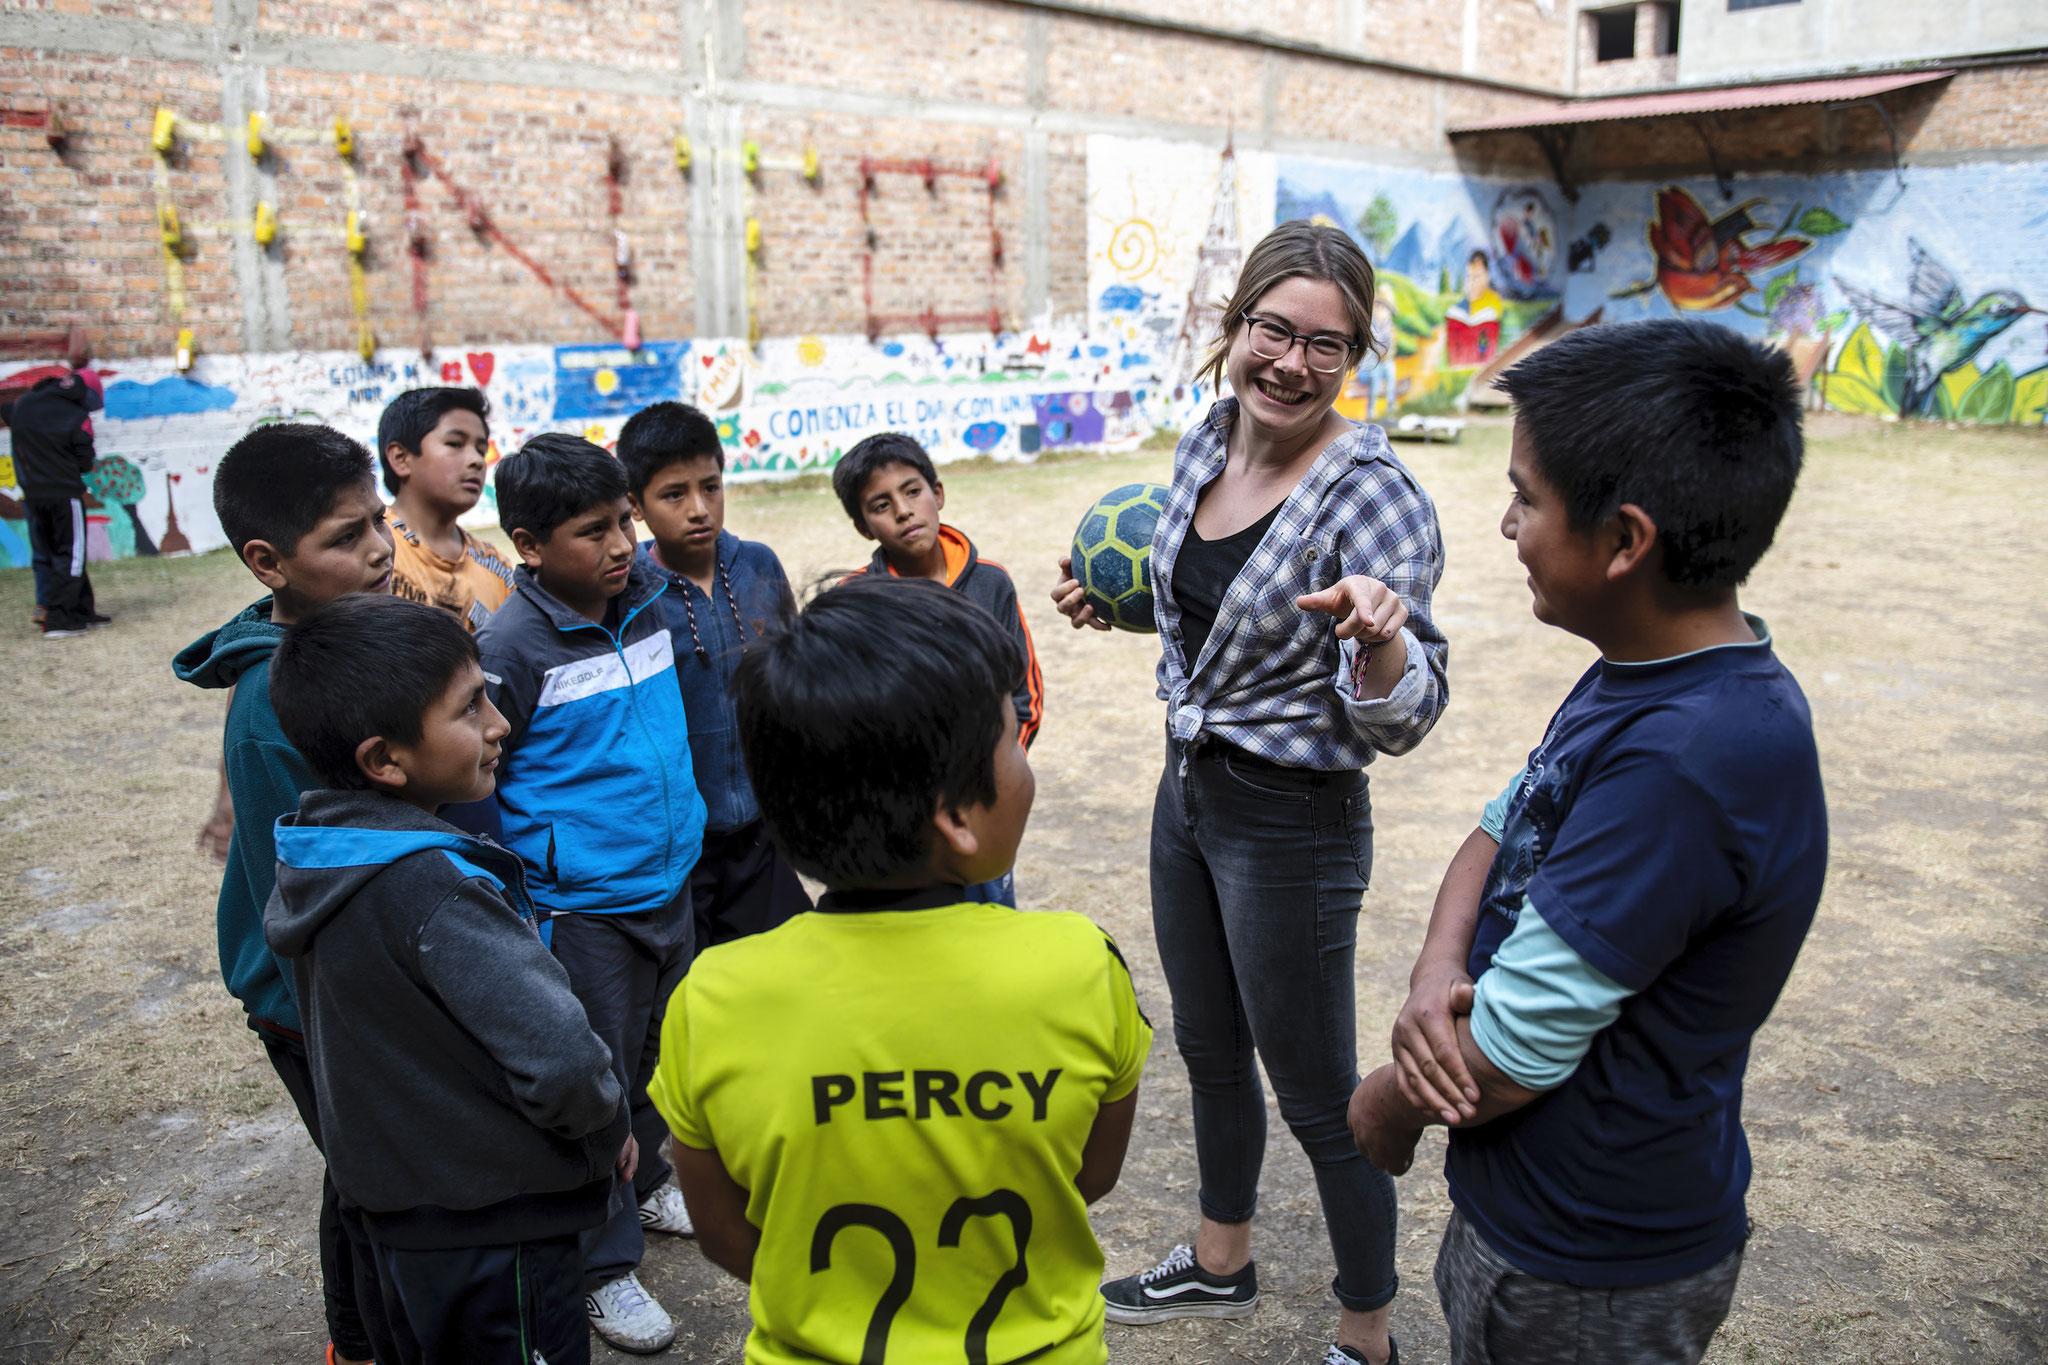 MICANTO-Freiwillige Sophie Bone beim Sportunterricht mit den Jugendlichen. Foto: Florian Kopp / Kindermissionswerk